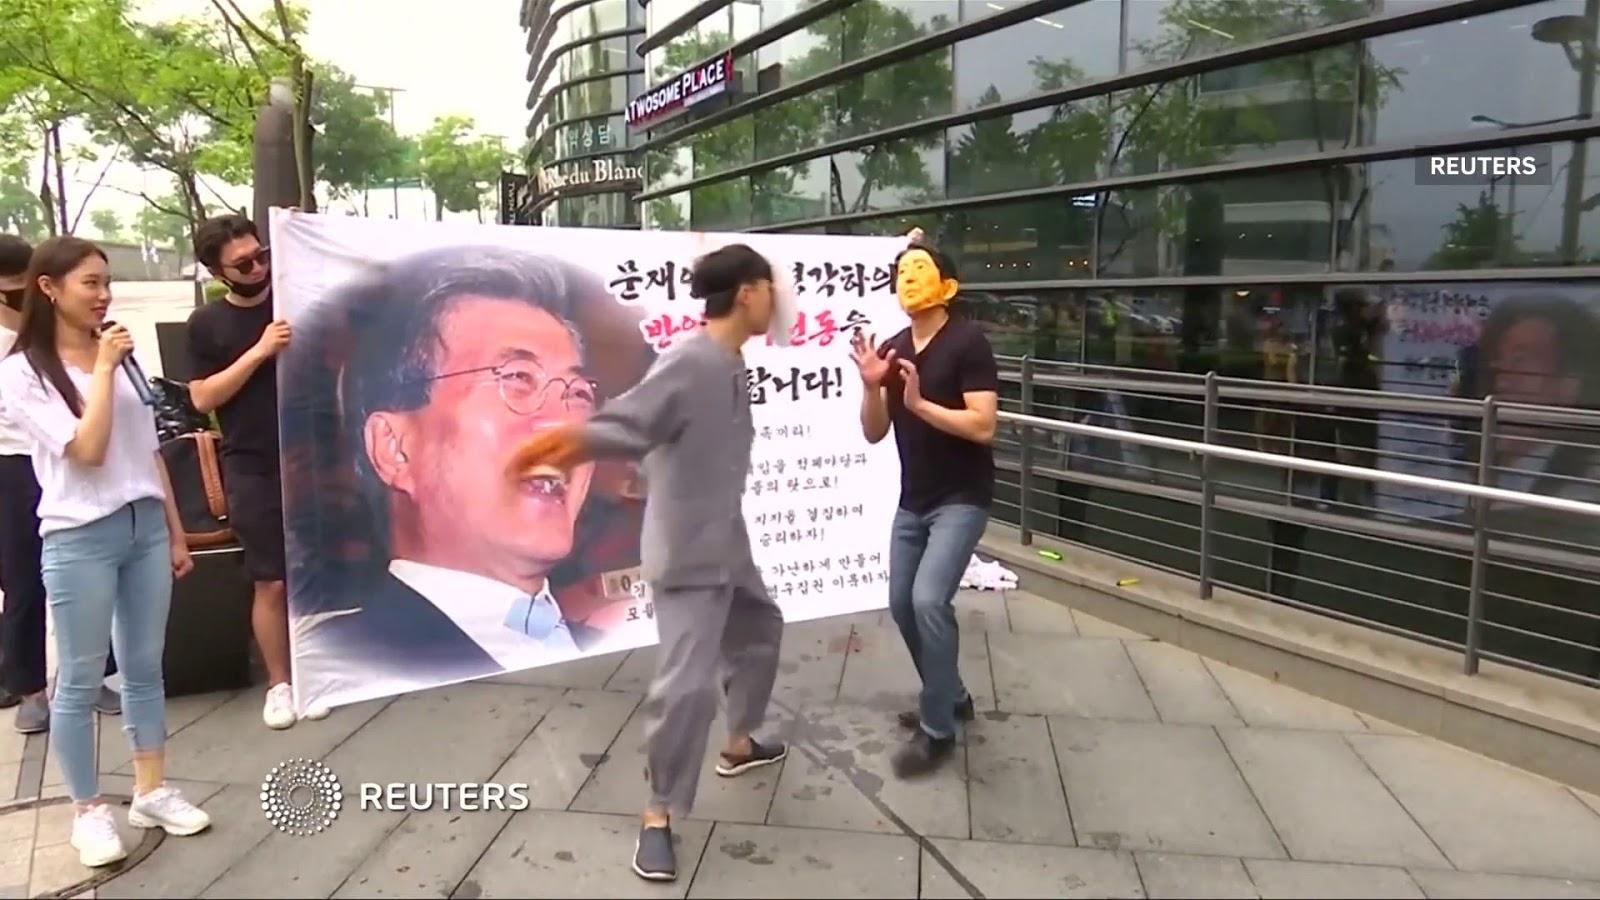 反応 韓国 不買 の 運動 海外